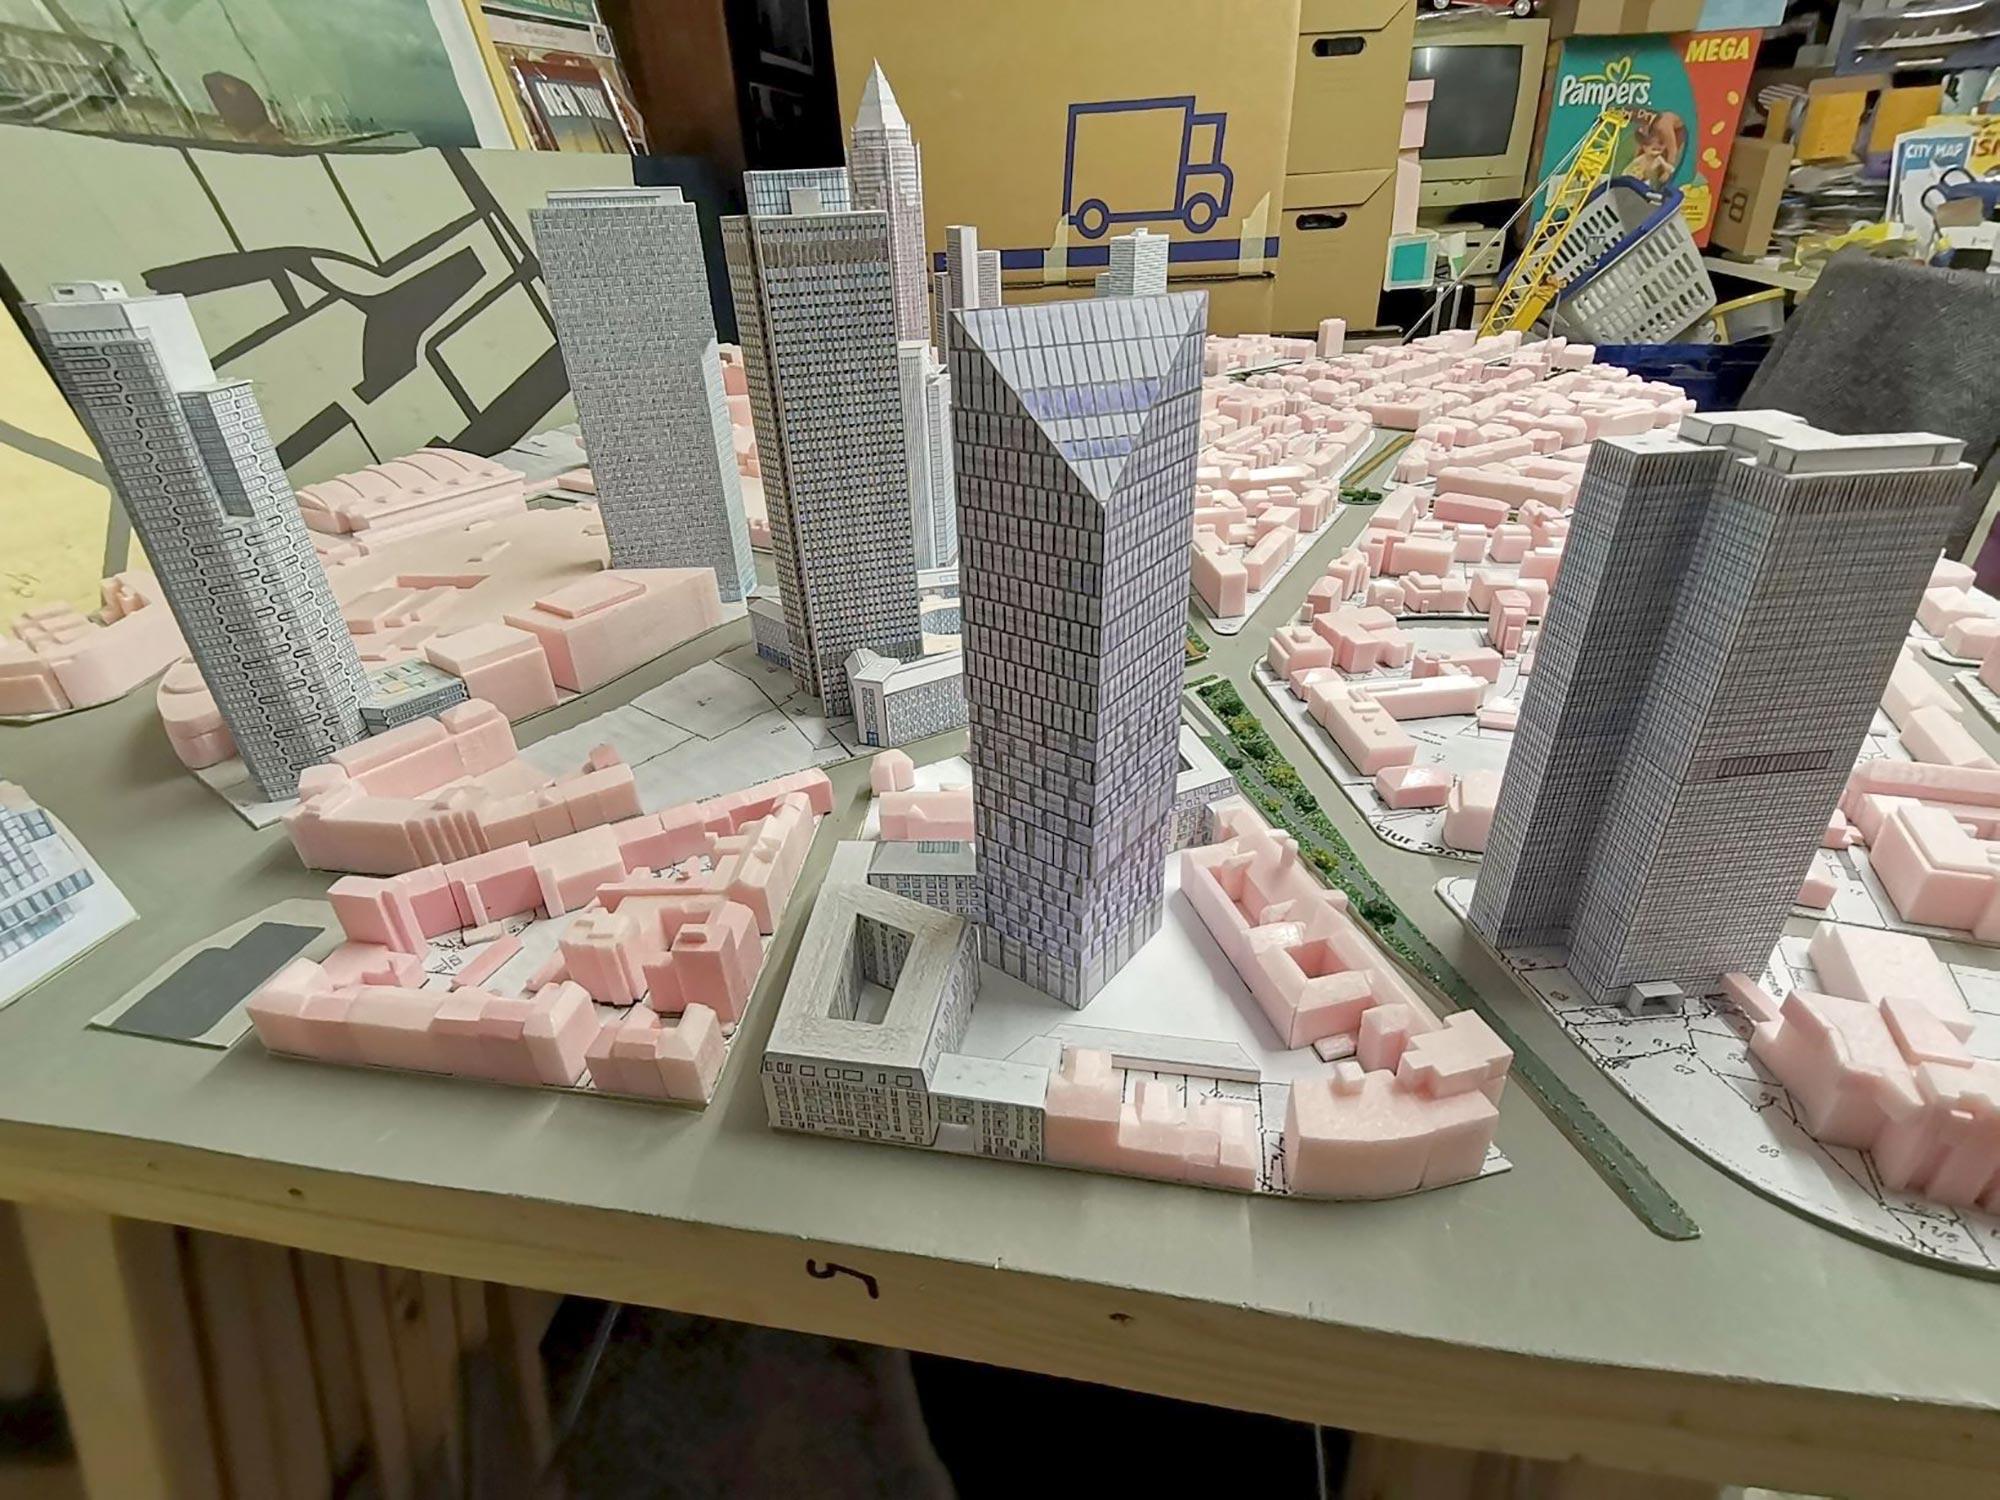 Das Präsidium ist fertiggestellt - hier in Frank's Stadtmodell